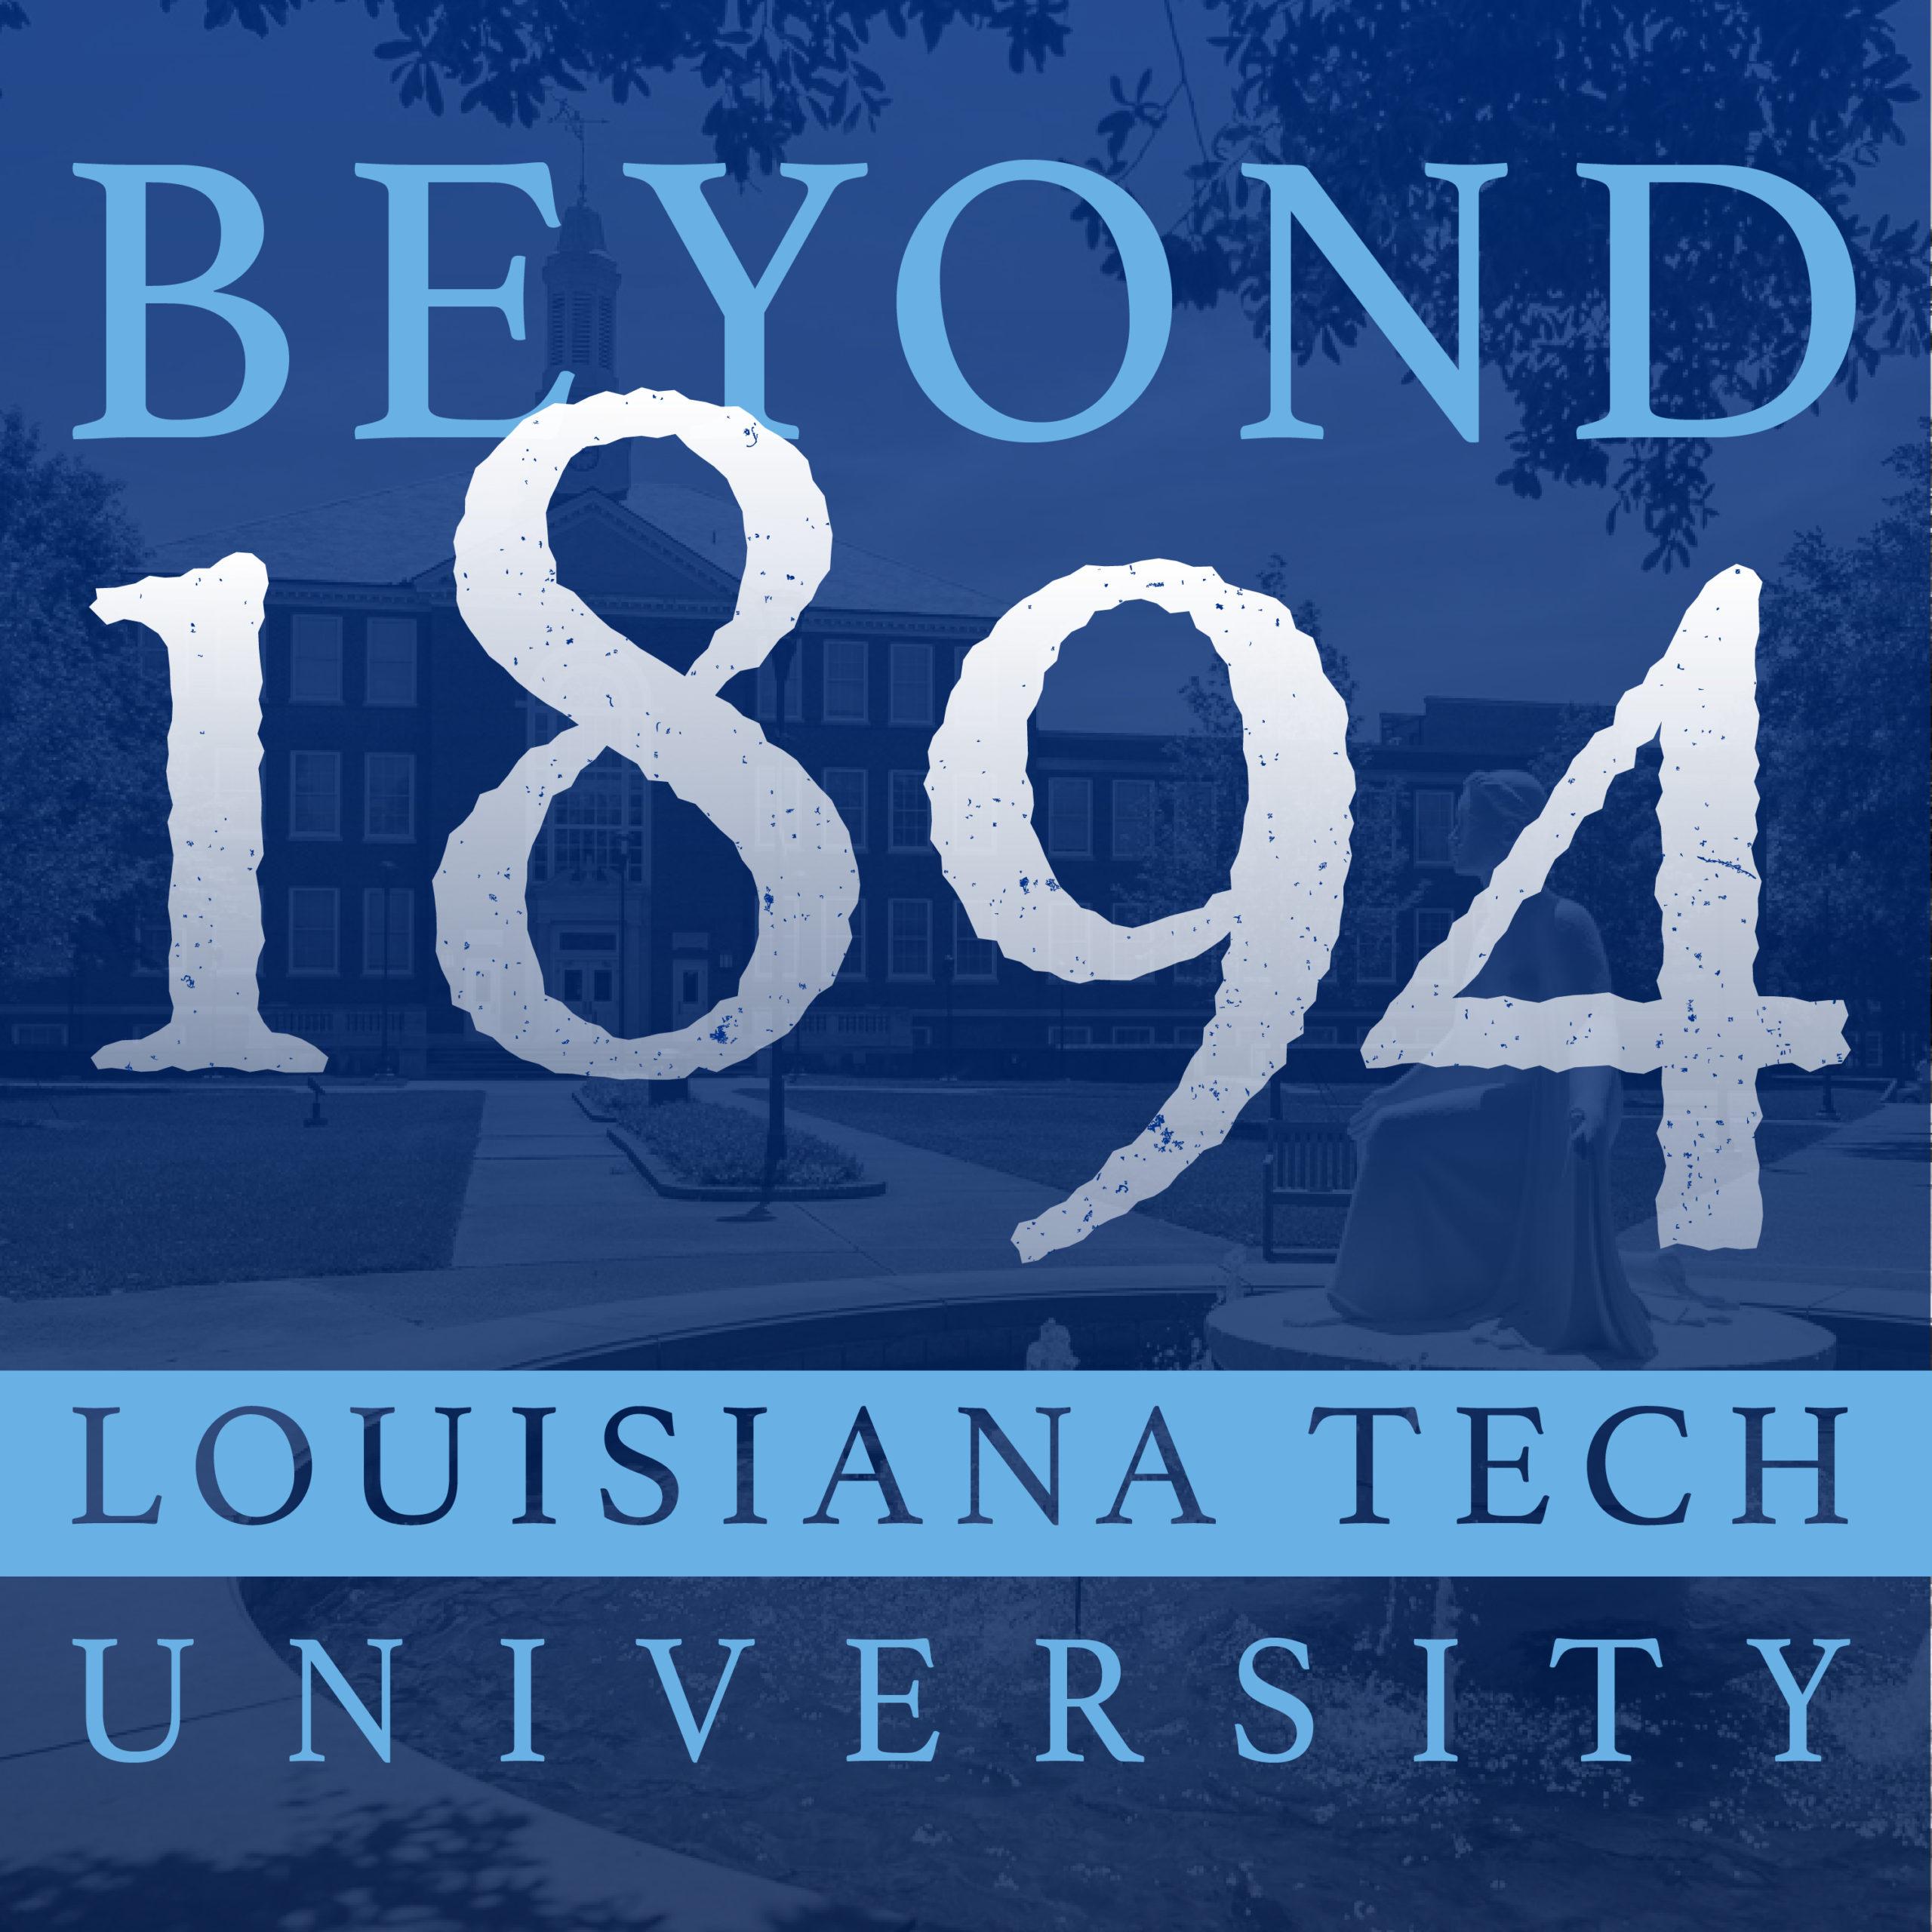 Beyond 1894